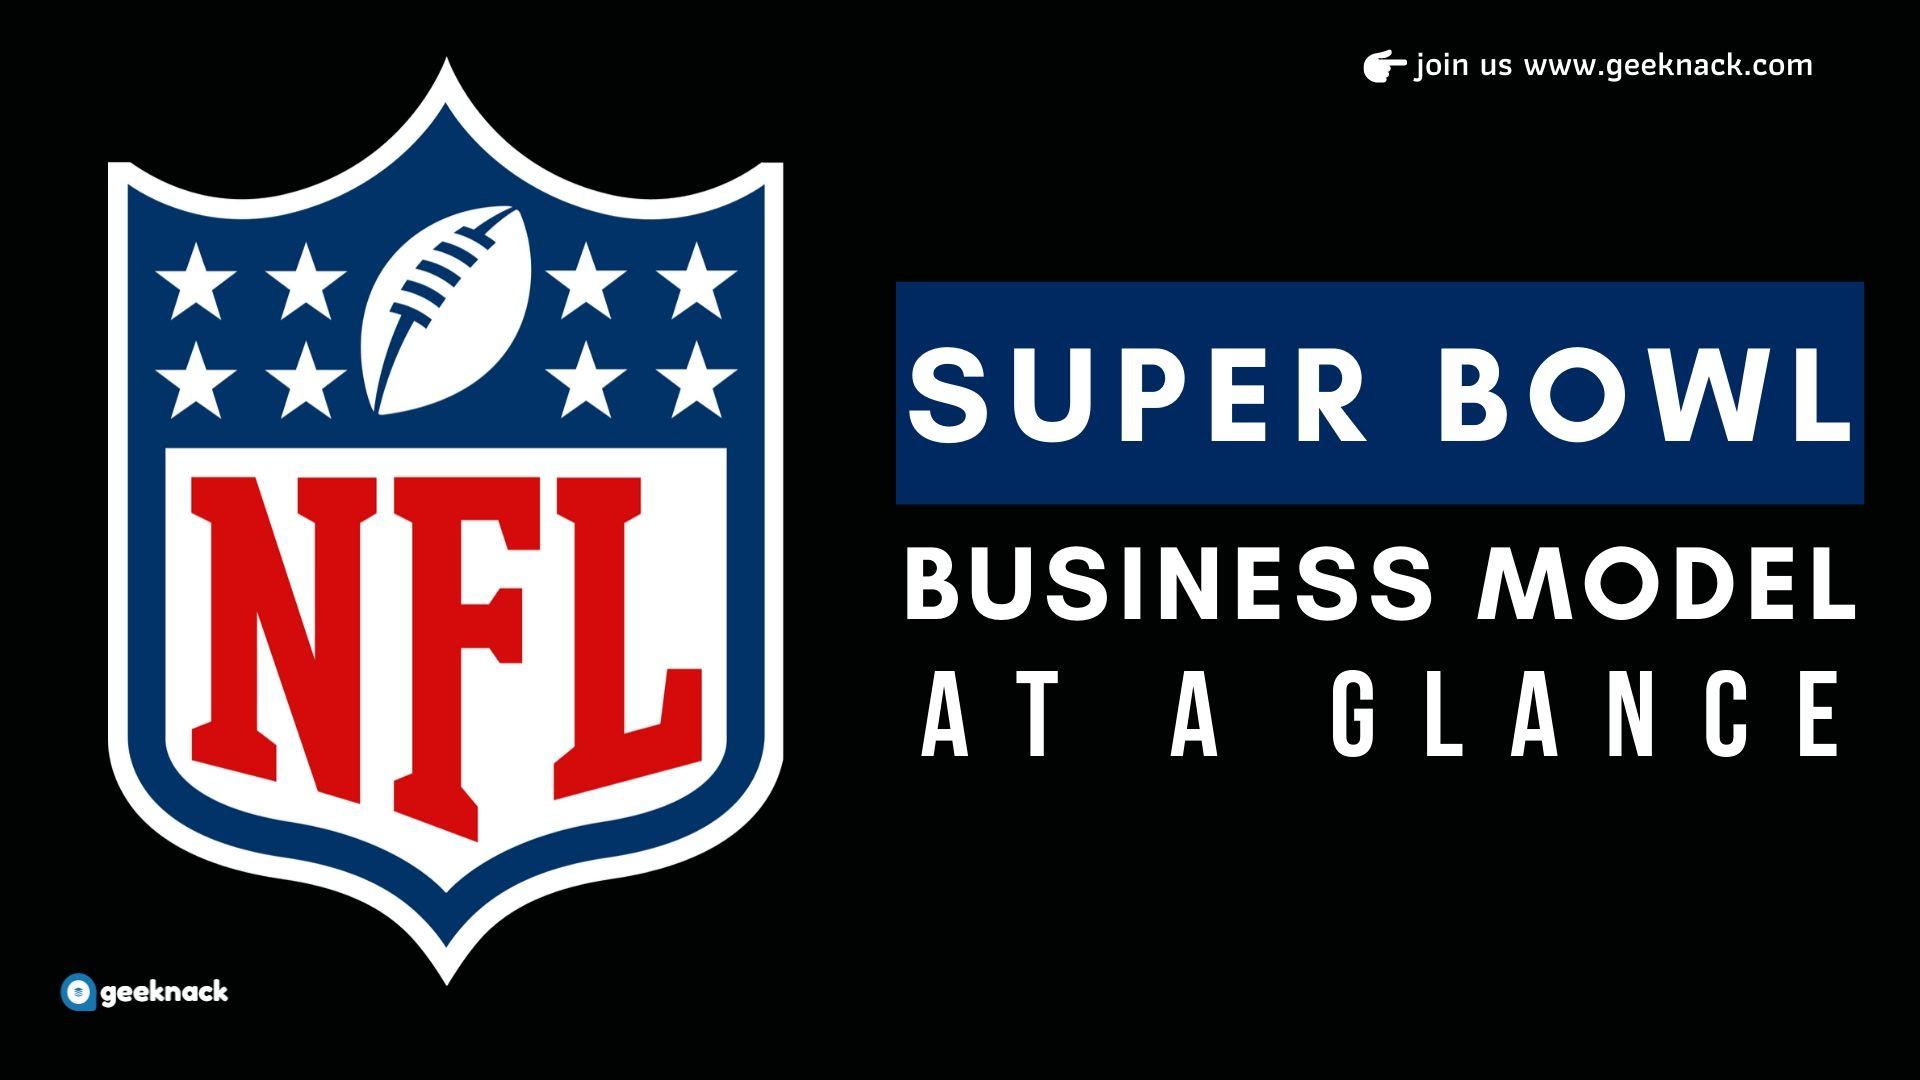 NFL Super Bowl Business Model cover